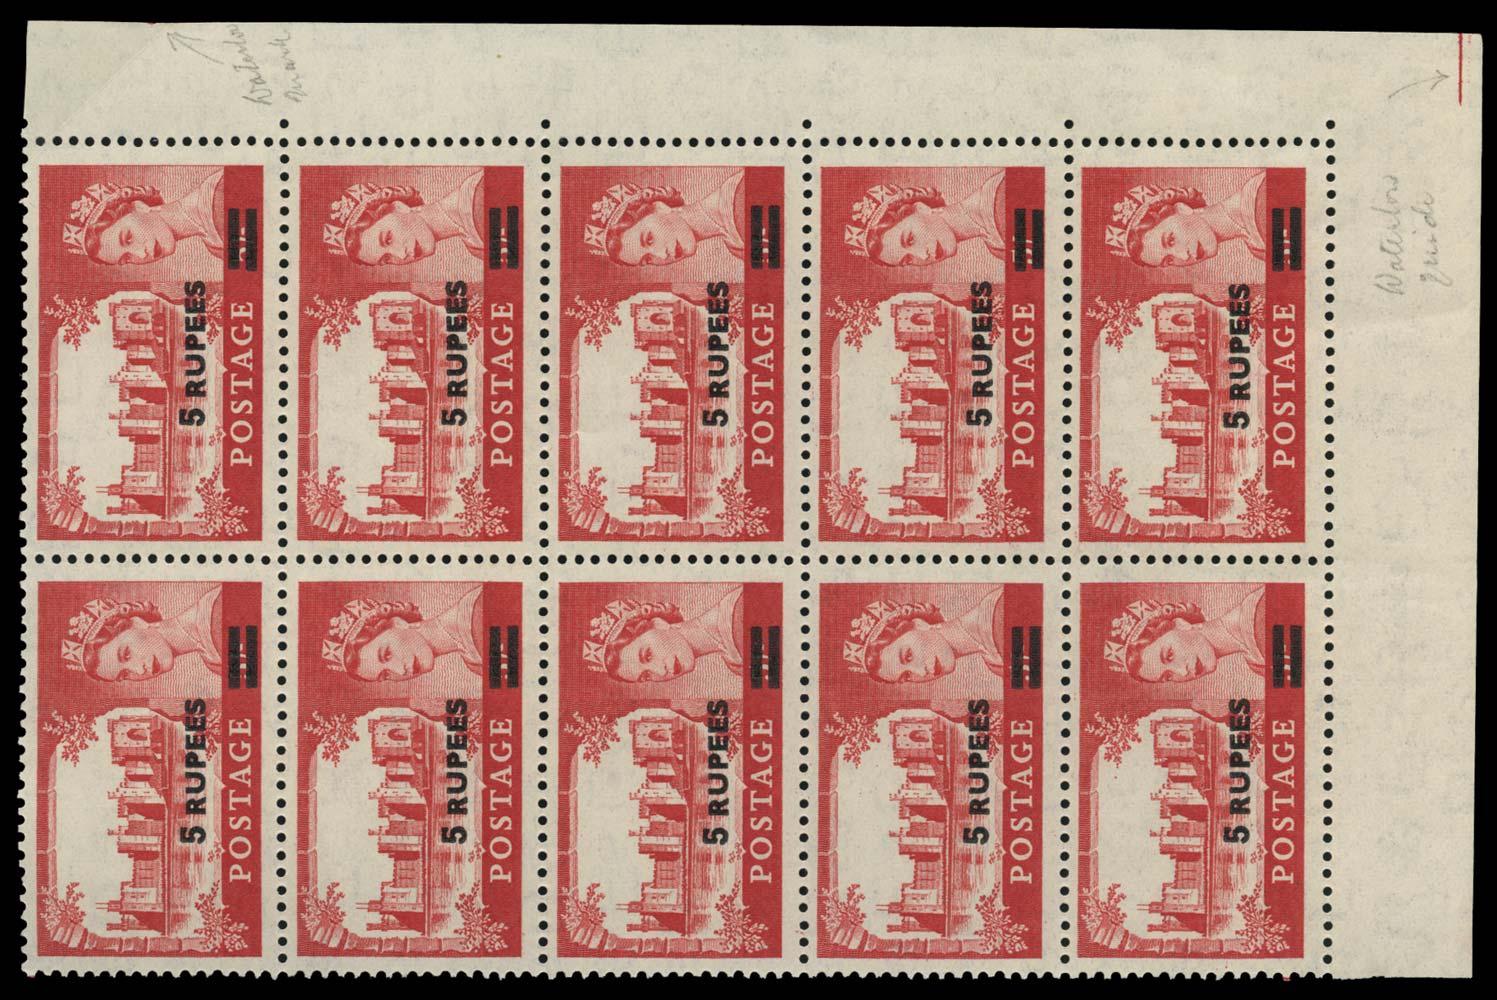 BR PAs IN E ARABIA 1955  SG57 Mint